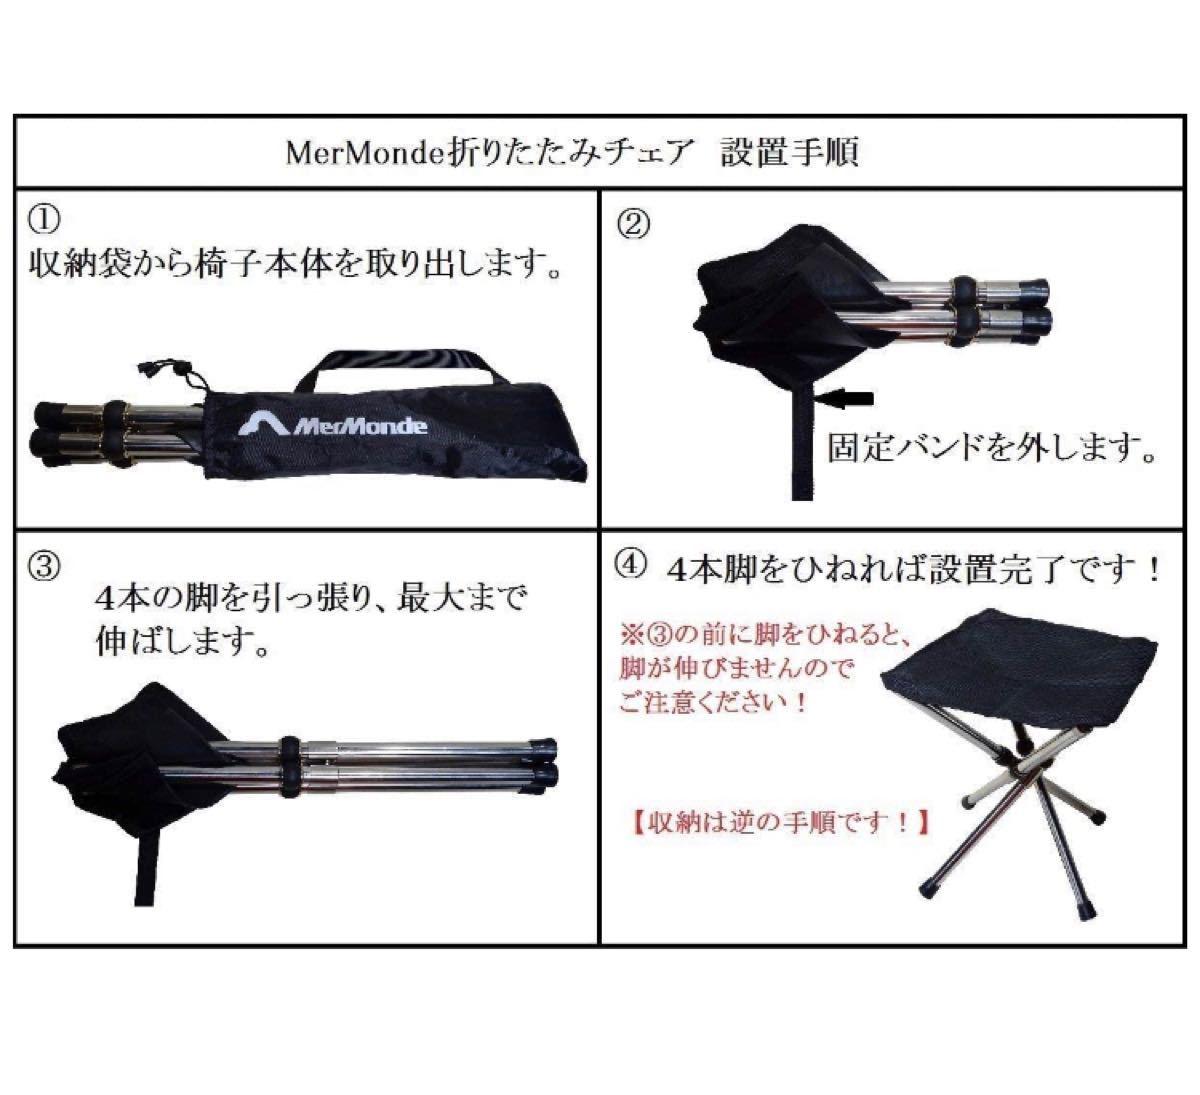 新品☆アウトドアチェア 4脚セット ベージュ 椅子 レジャー コンパクト 軽量